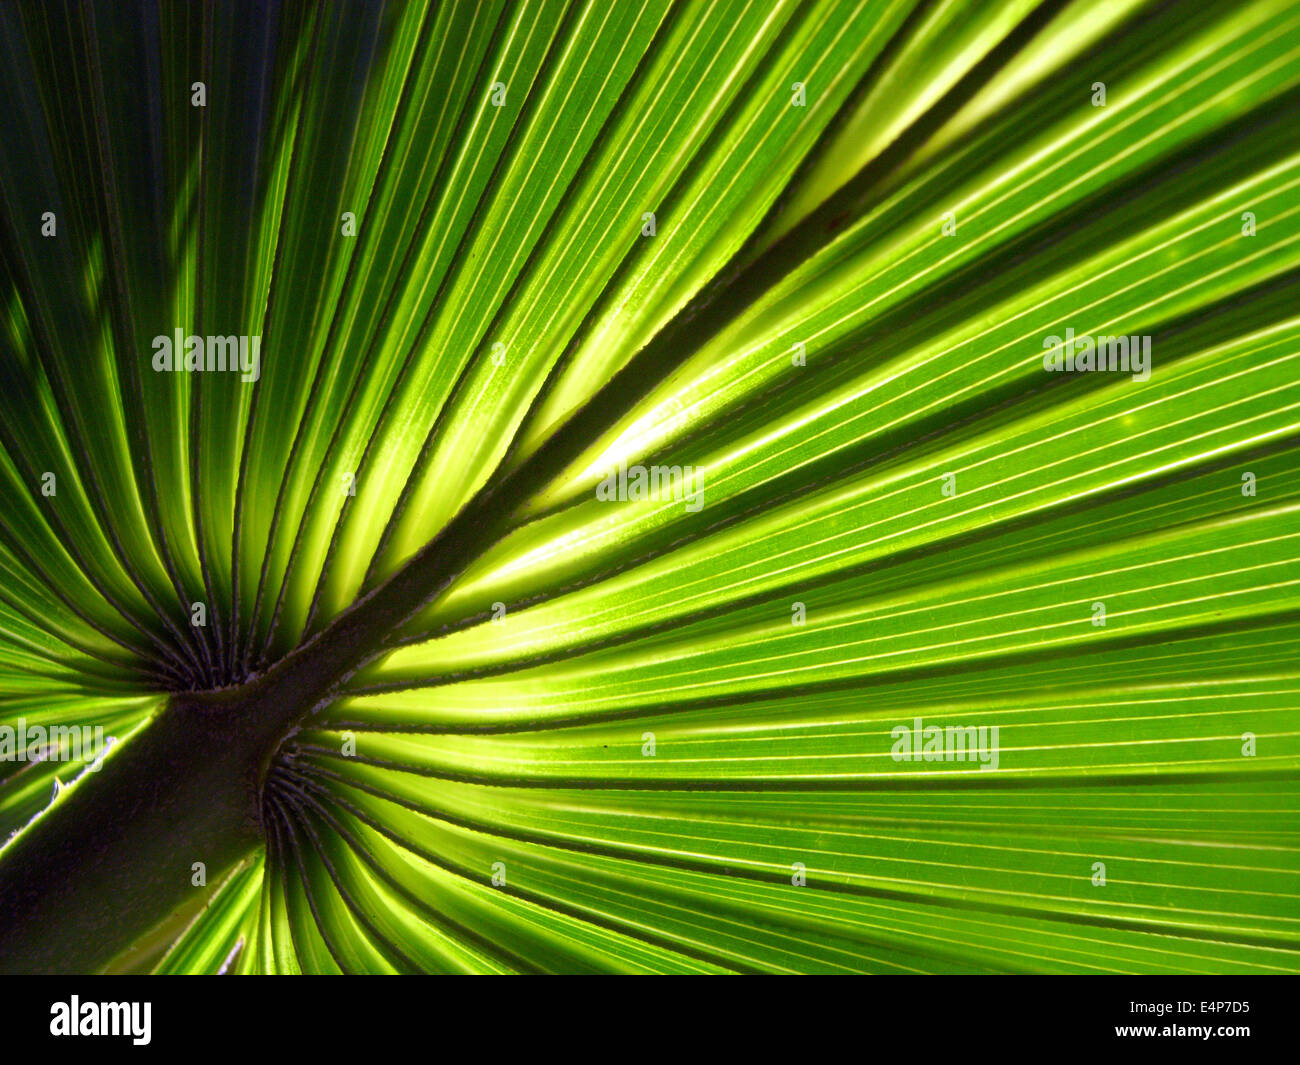 Dettaglio del nuovo frond di cavolo palm (Livistona sp.), il Parco Nazionale Kakadu, Territorio del Nord, l'Australia Immagini Stock